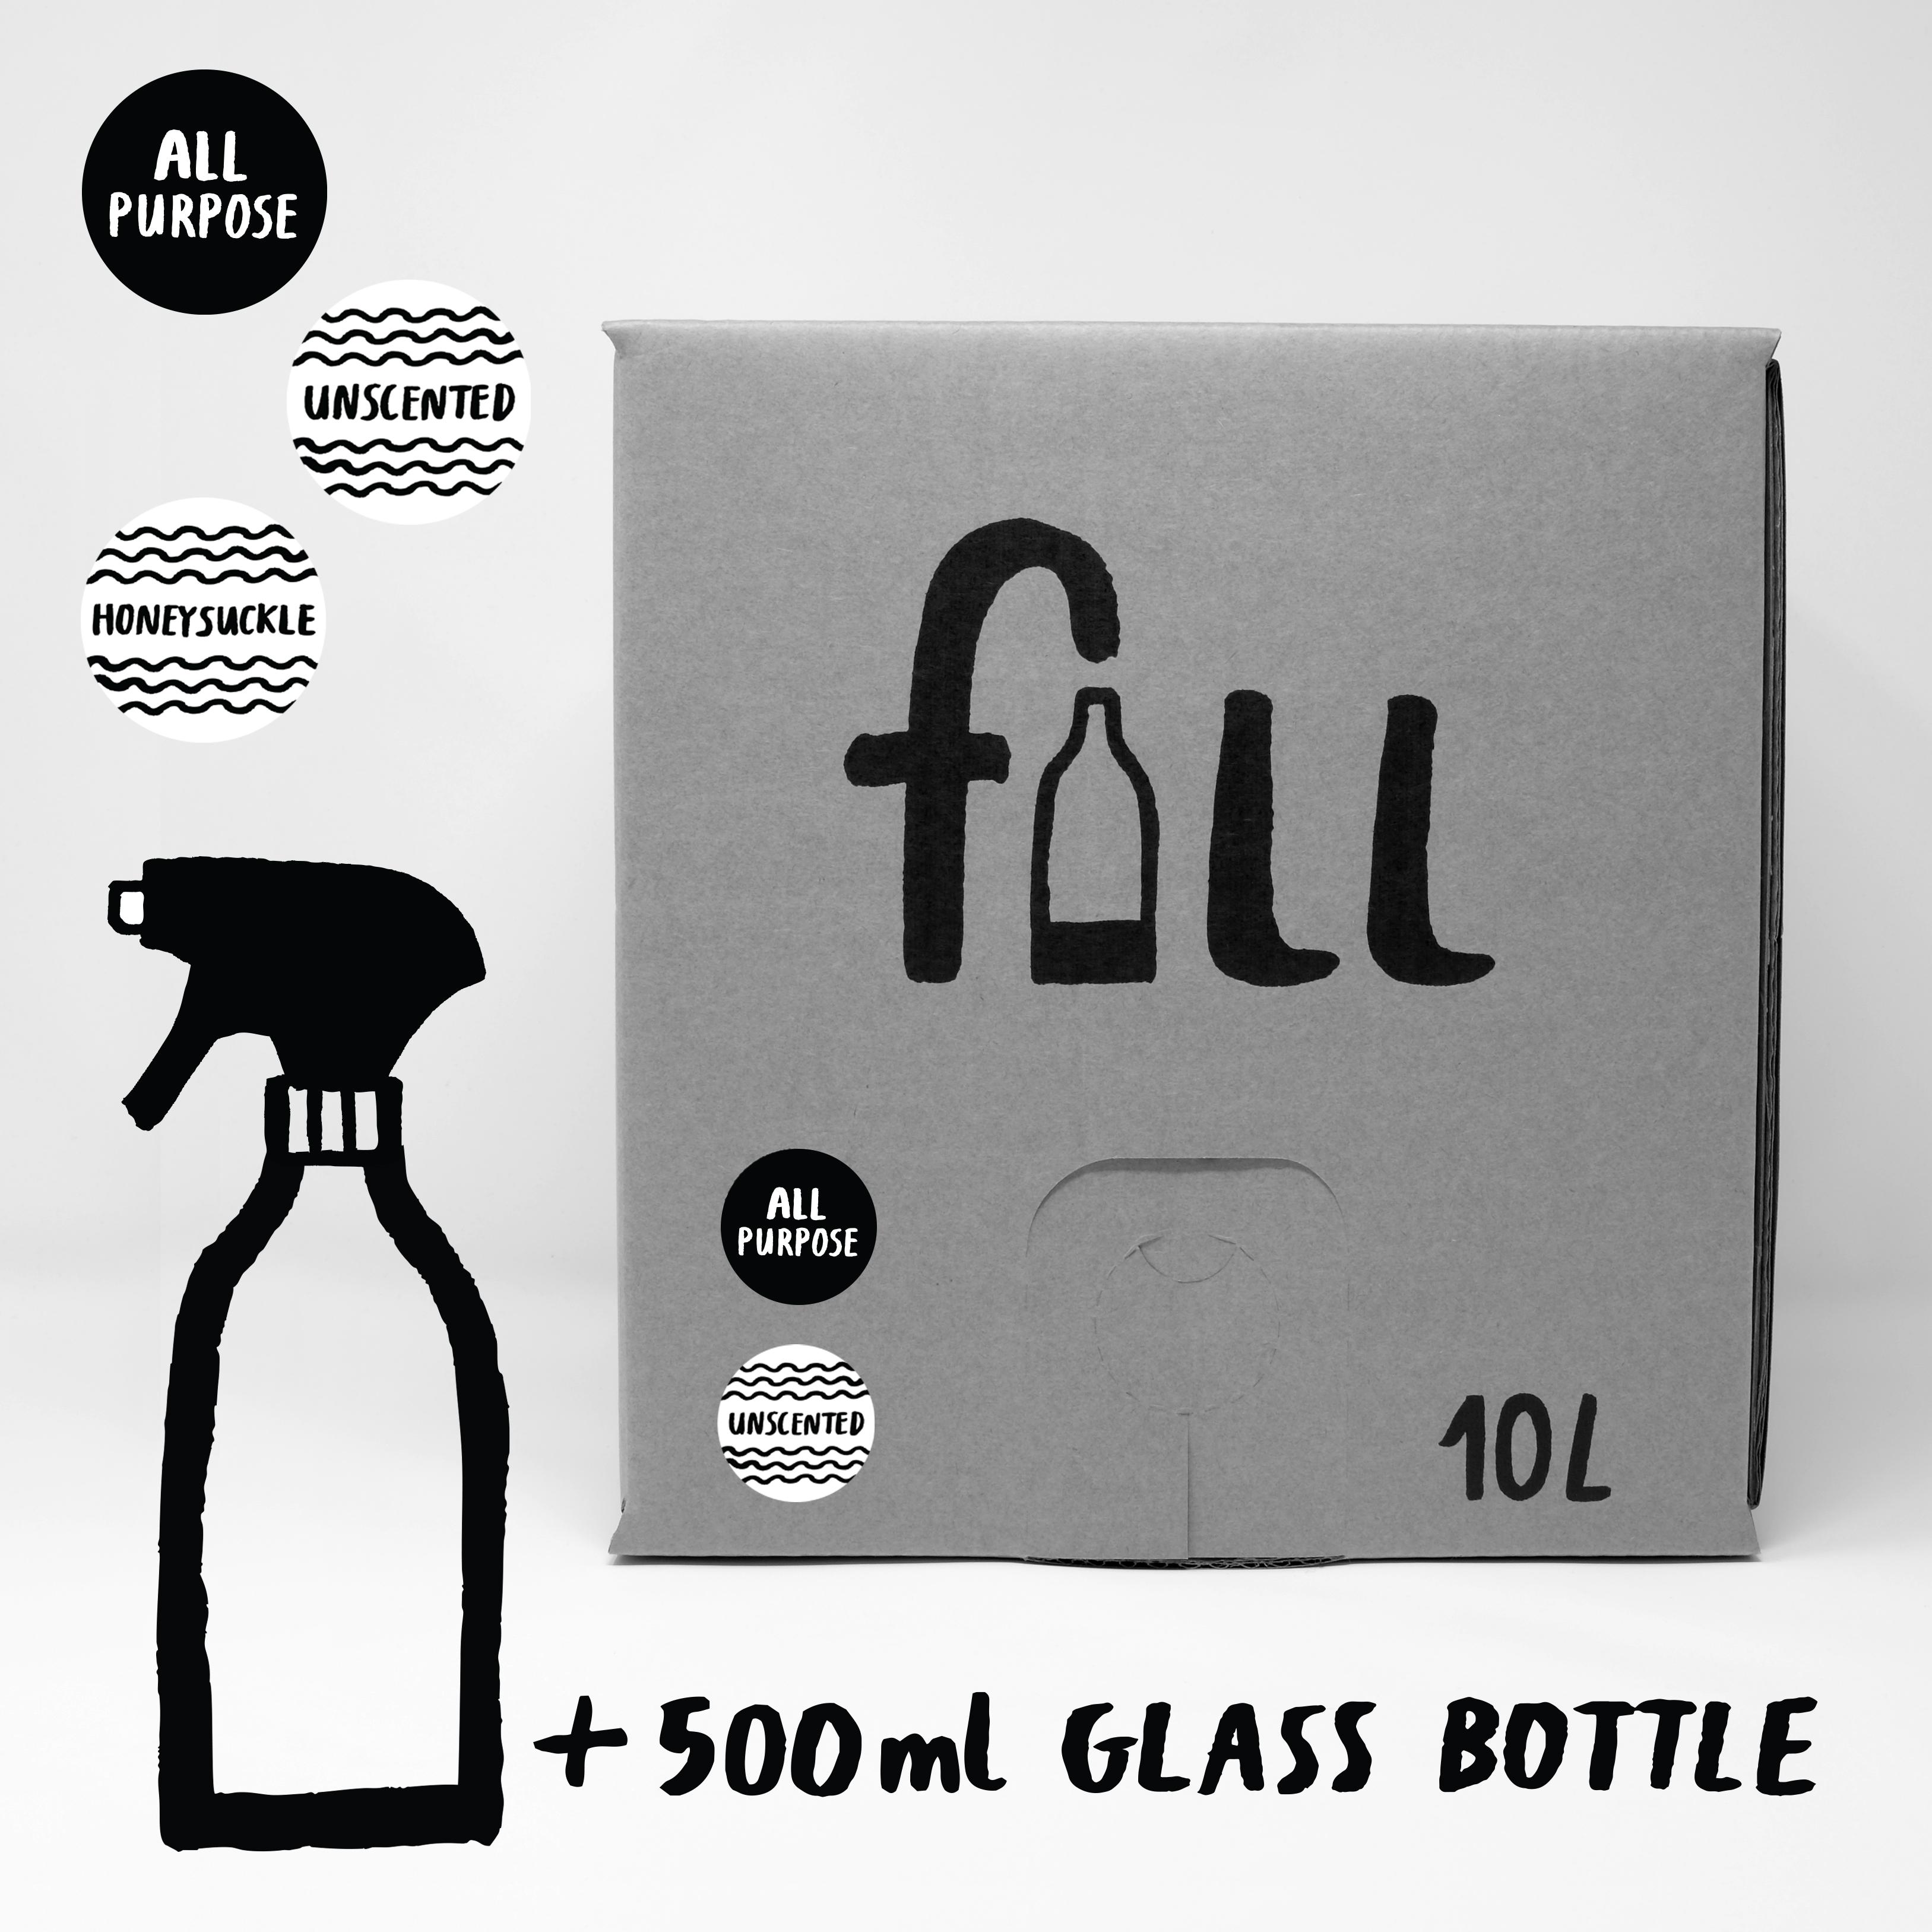 DO NOT USE Fill Refill Co All Purpose HoneySuckle Scented 500ml Full Bottle